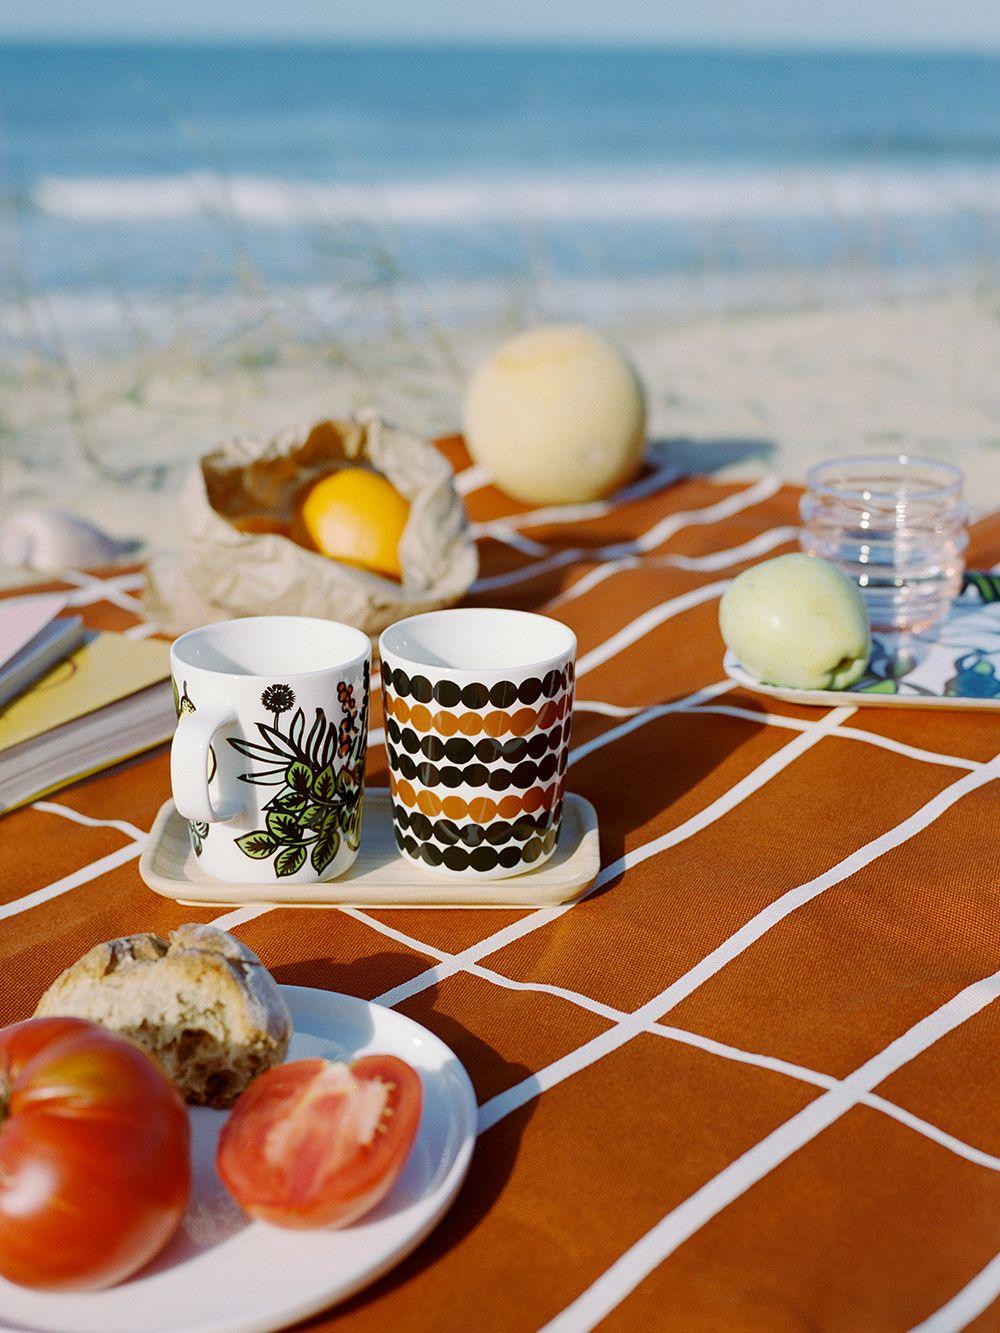 Marimekon mukeja piknik-kattauksessa.